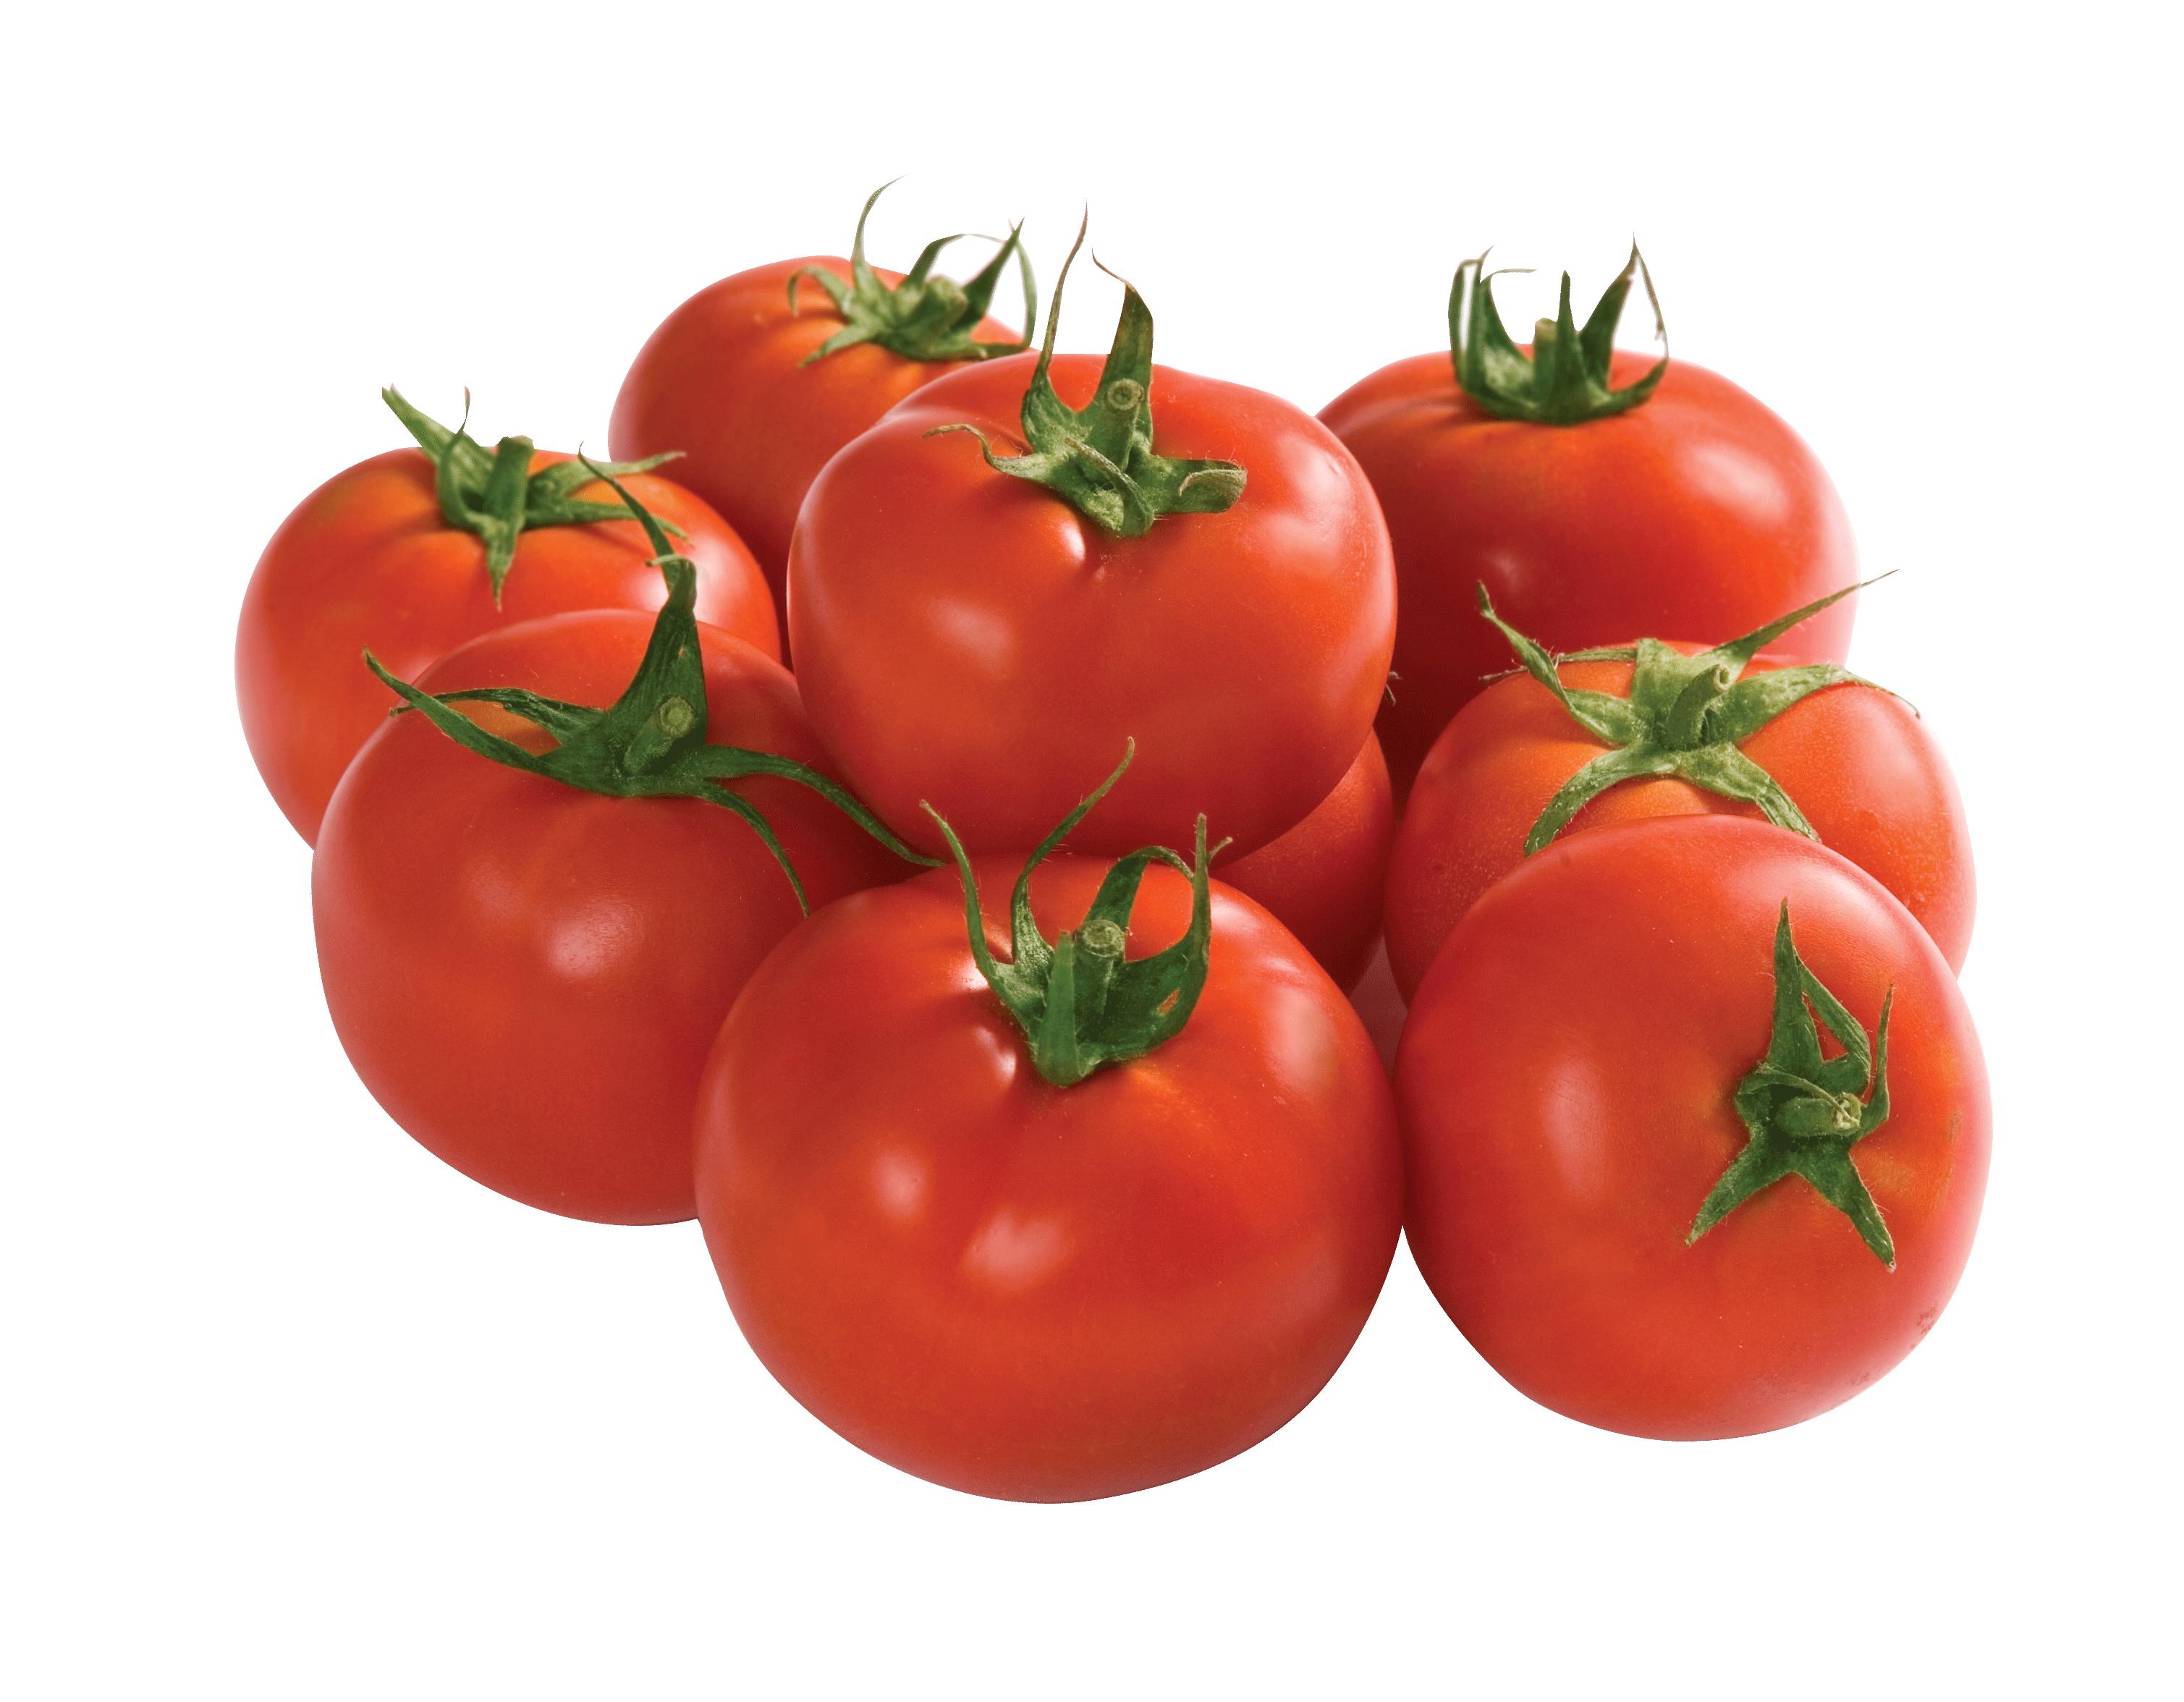 لماذا يجب ألا تحفظوا الطماطم أبداً في الثلاجة؟